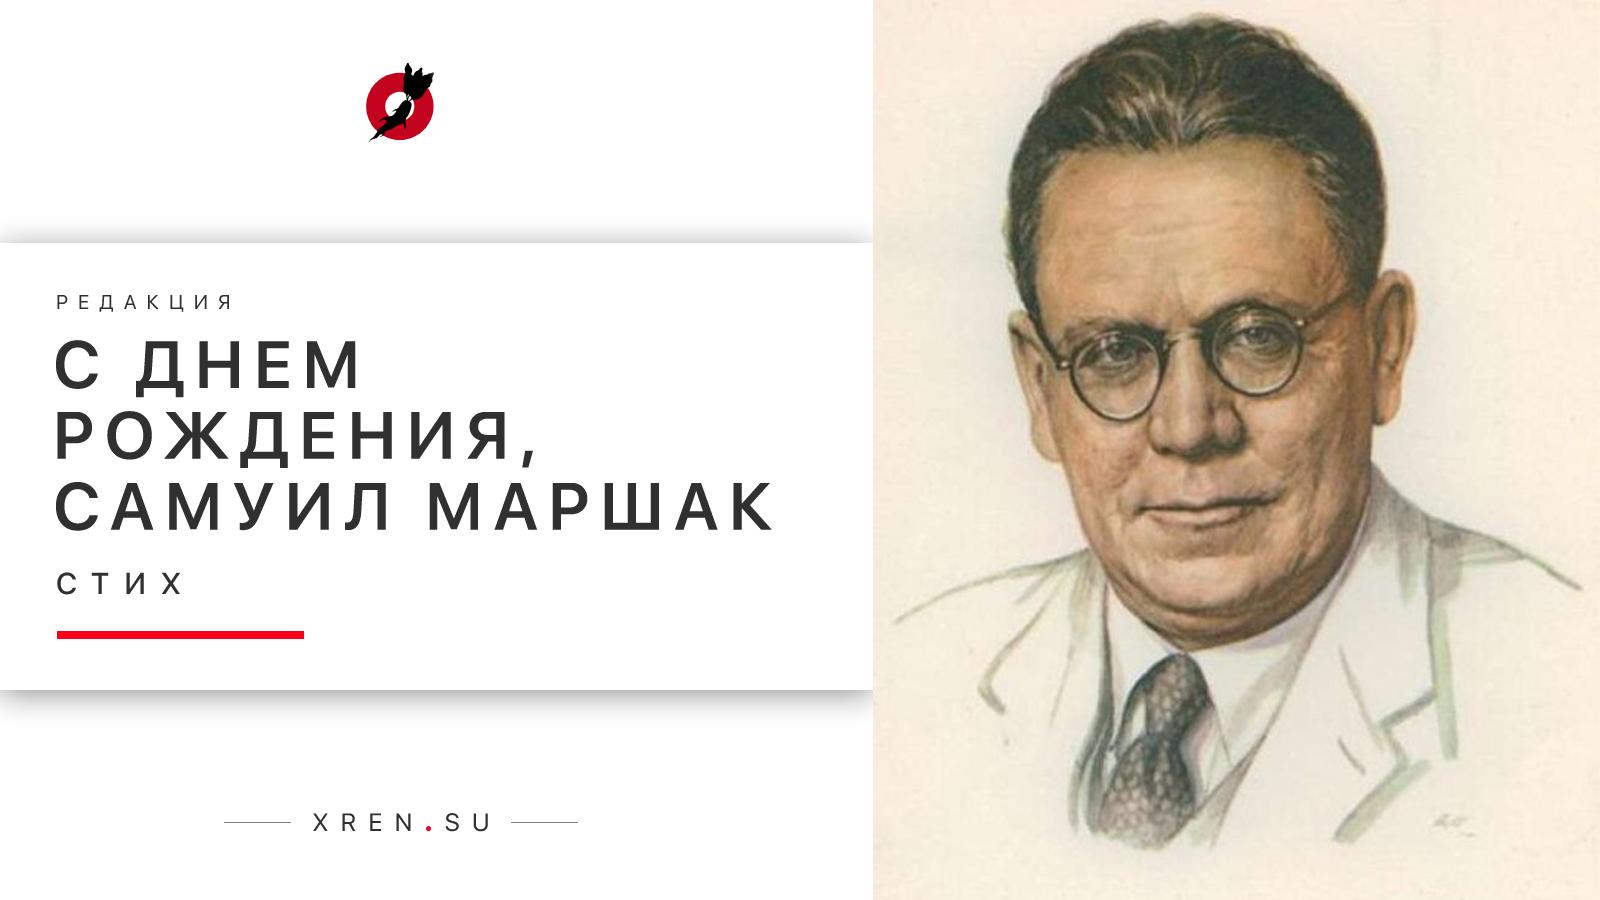 С днем рождения, Самуил Маршак!